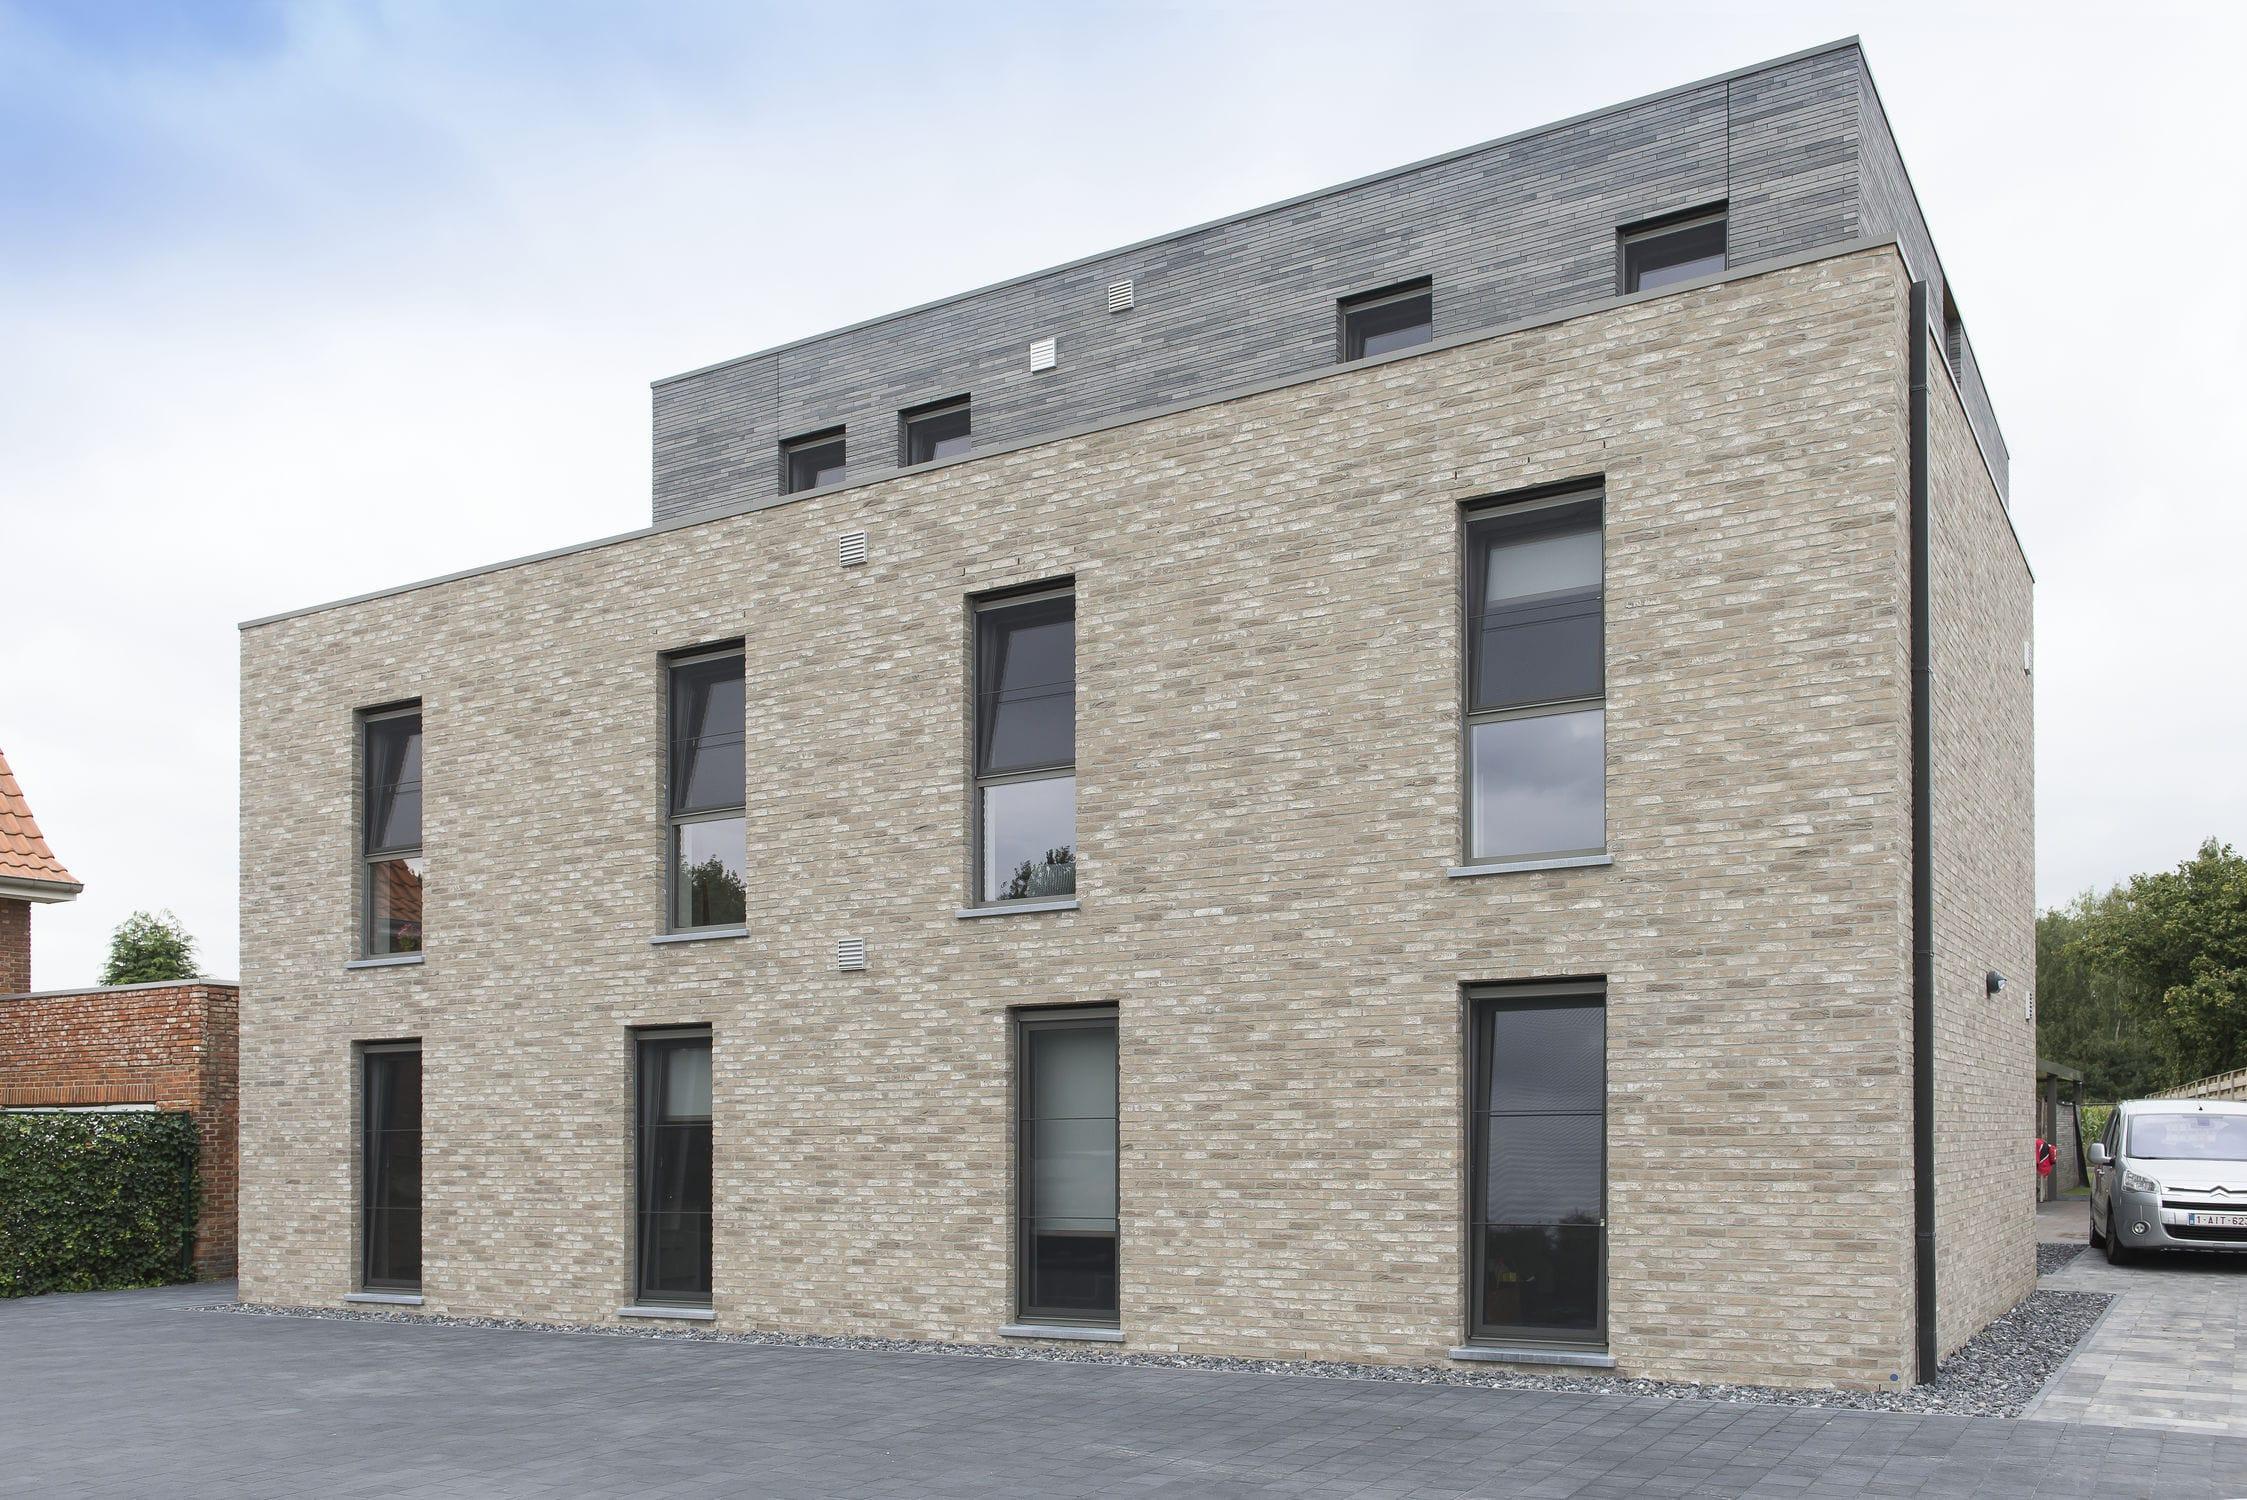 Riemchen Fur Fassaden Grau Handgefertigt Arte Nelissen Bricks